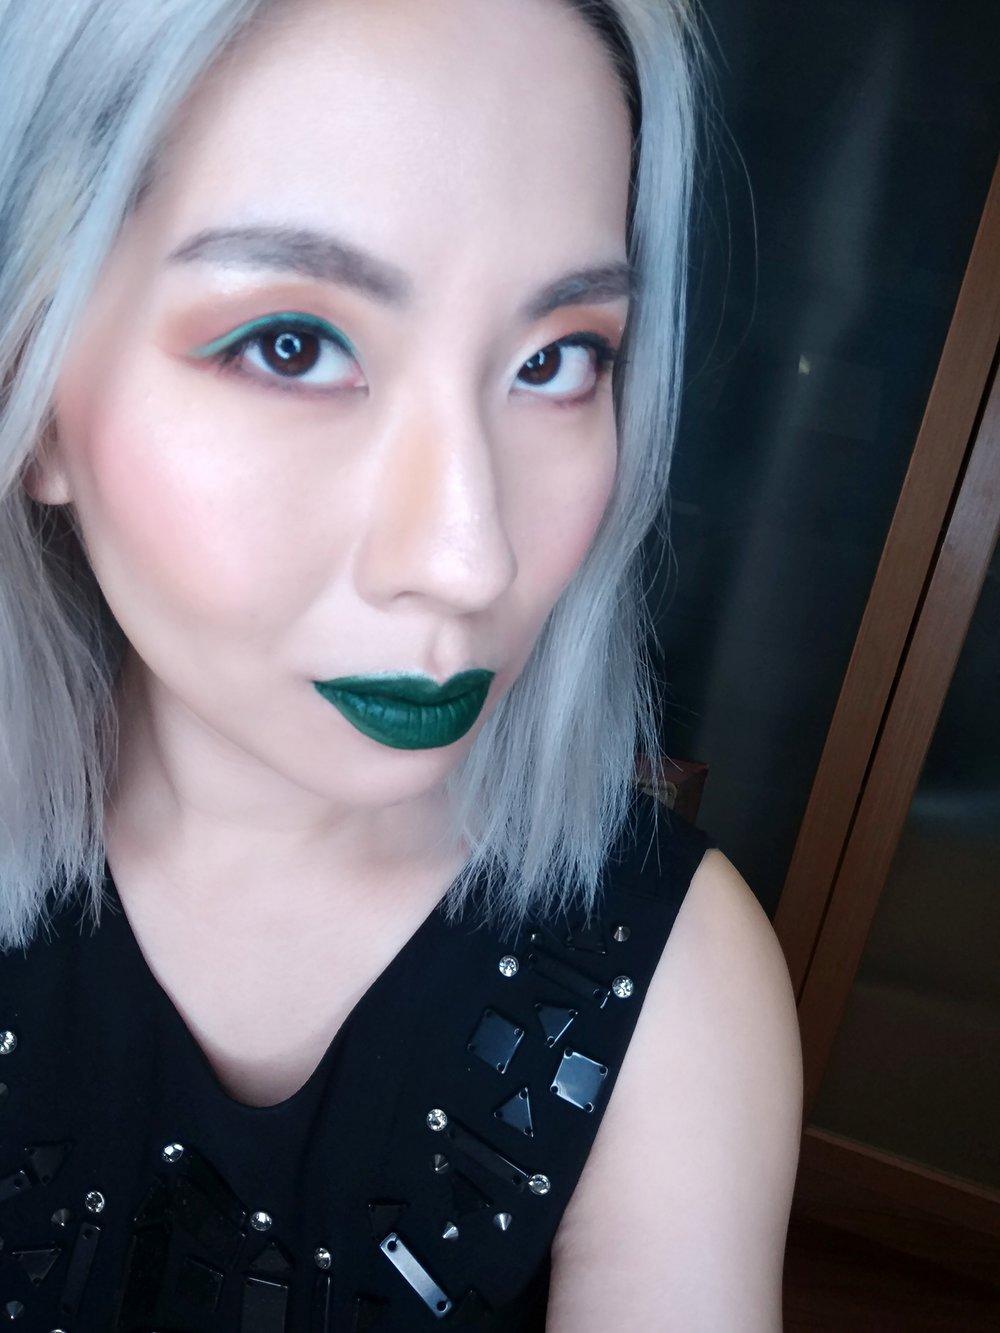 擦上綠色就會忍不住露出壞壞的眼神 XDDD